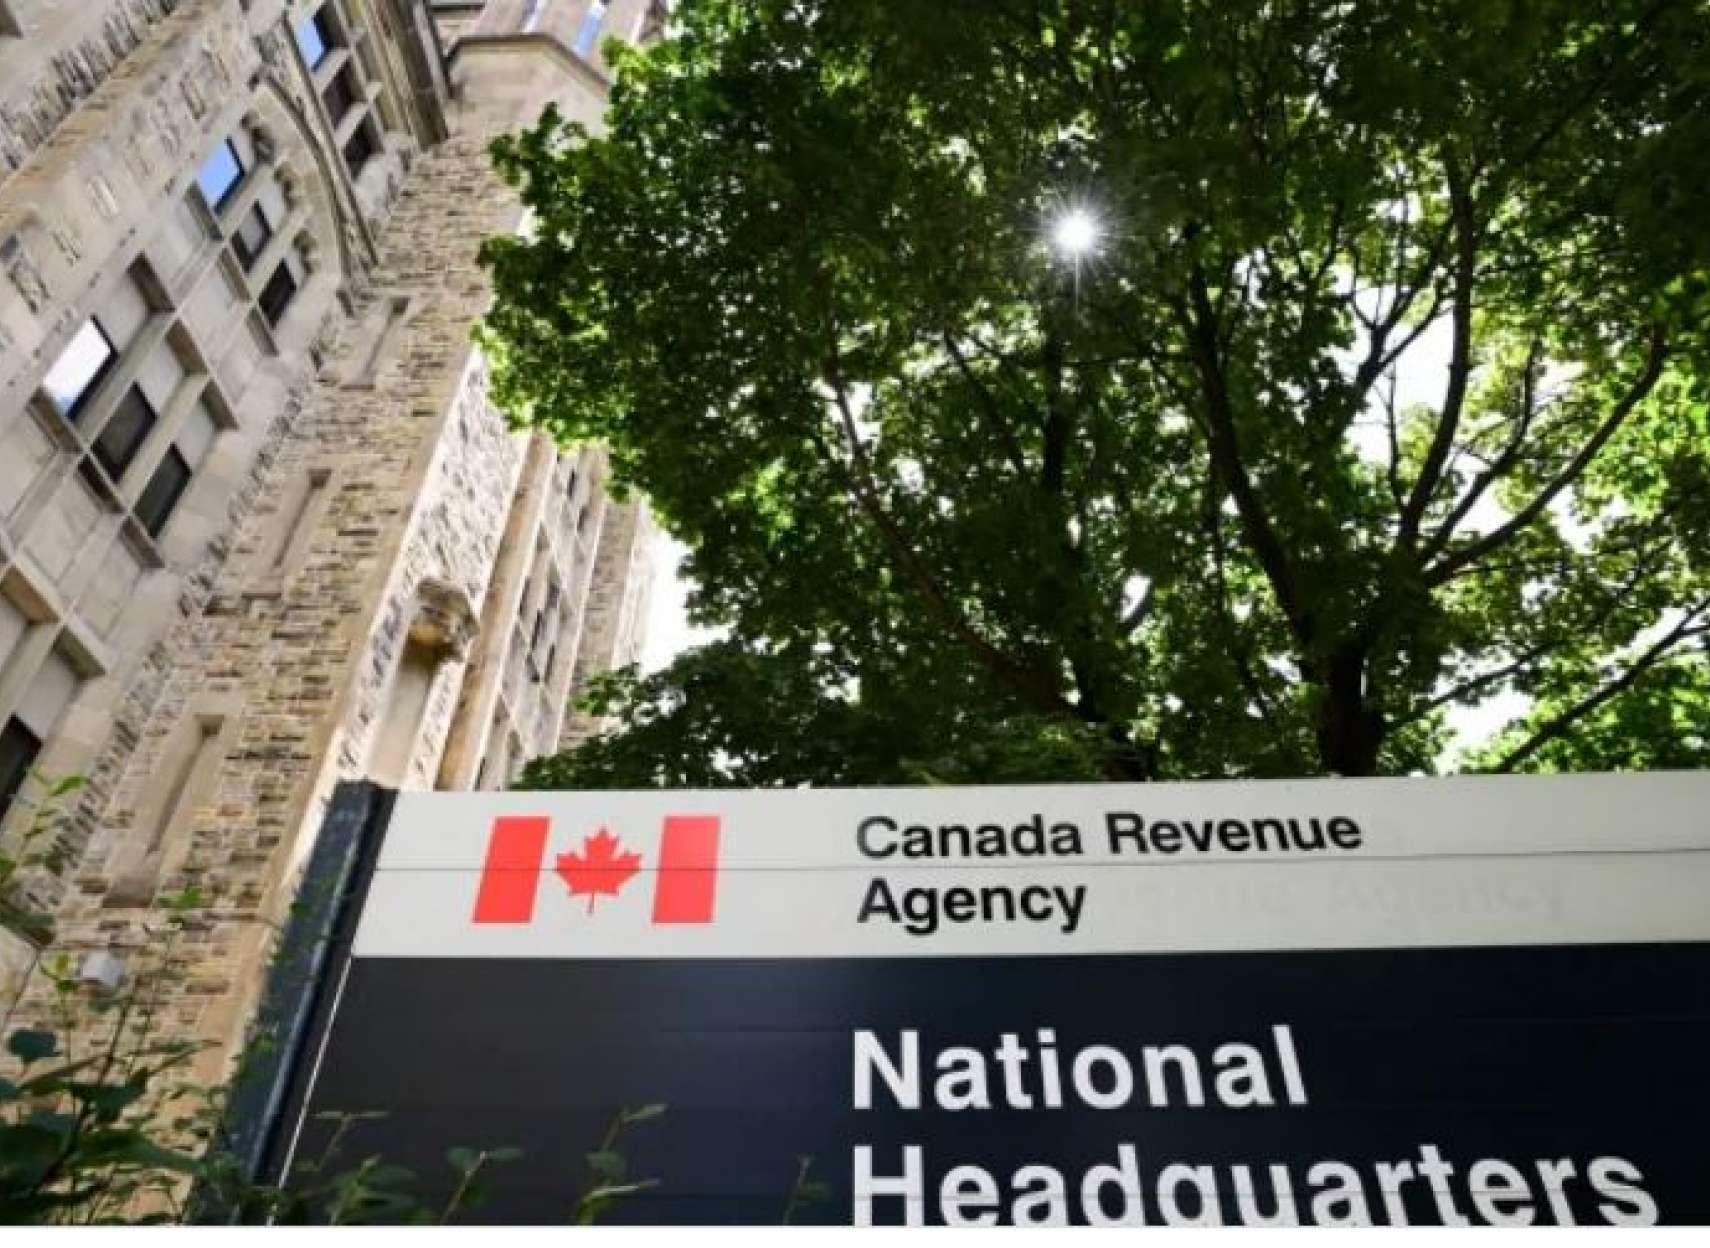 برنامه مهم دولت فدرال برای مالیات افراد کم درآمد در کانادا چیست/ هدف این قانون عادلانه شدن استفاده از مزایای اظهارنامه مالیاتی است